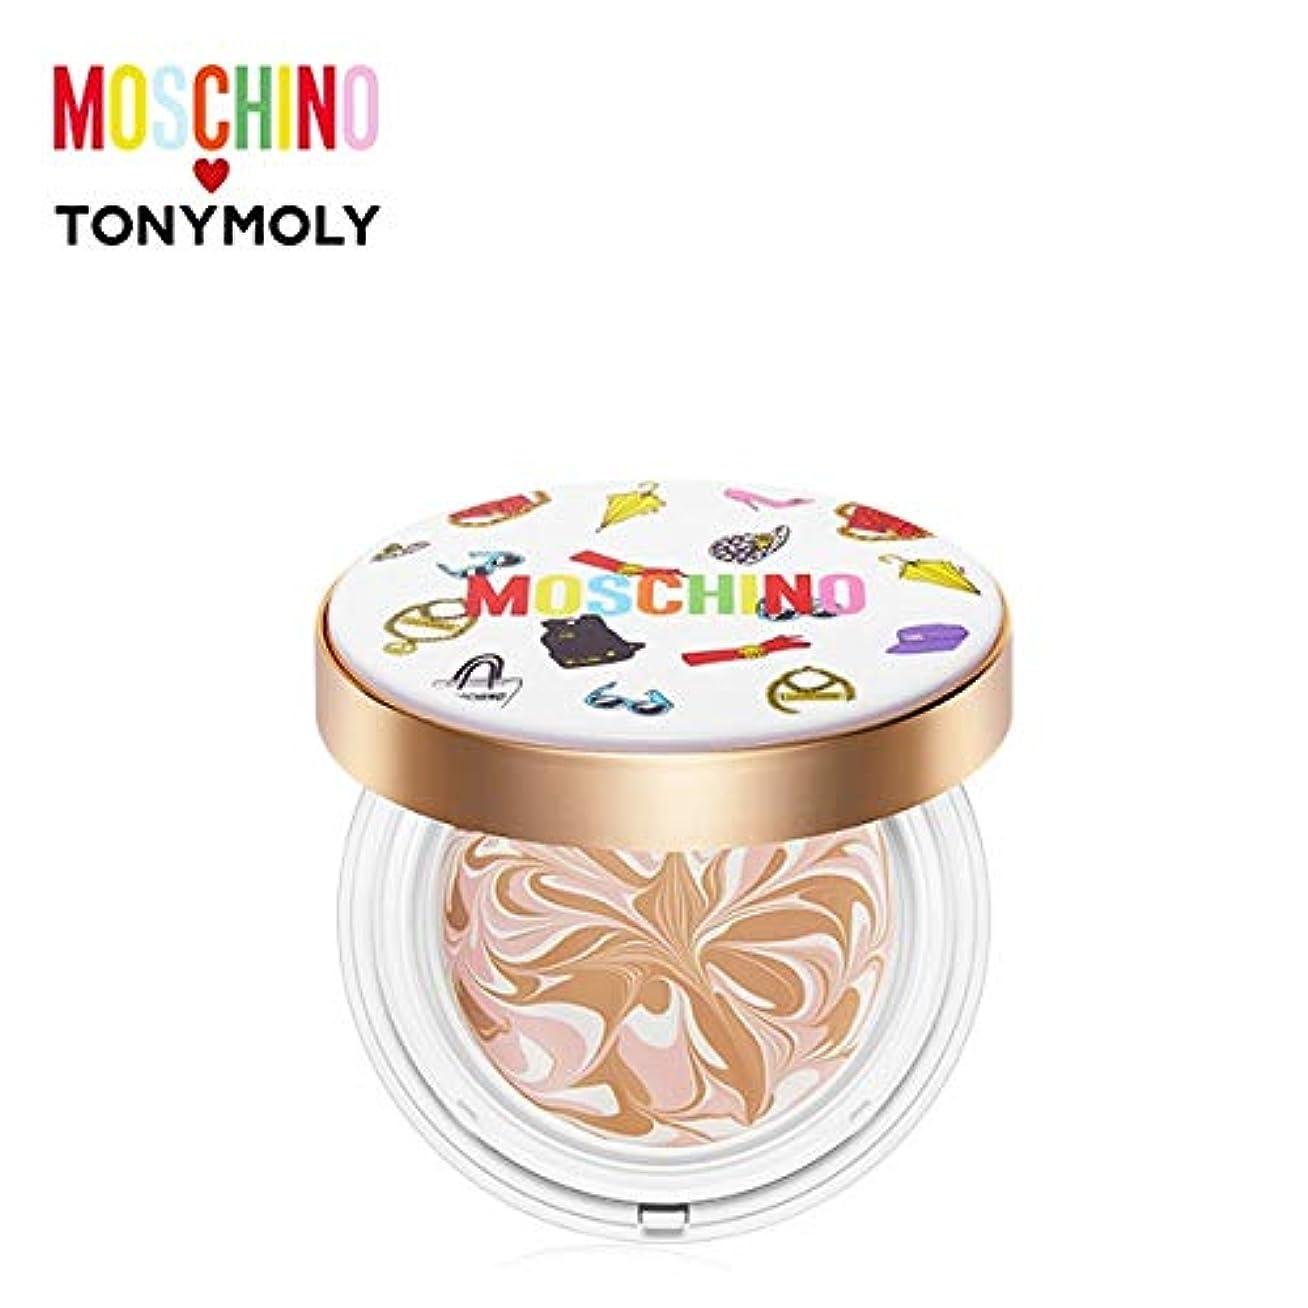 アヒルページ逆さまにトニーモリー [モスキーノ] シック スキン エッセンス パクト 18g TONYMOLY [MOSCHINO] Chic Skin Essence Pact #01 CHIC VANILLA [並行輸入品]